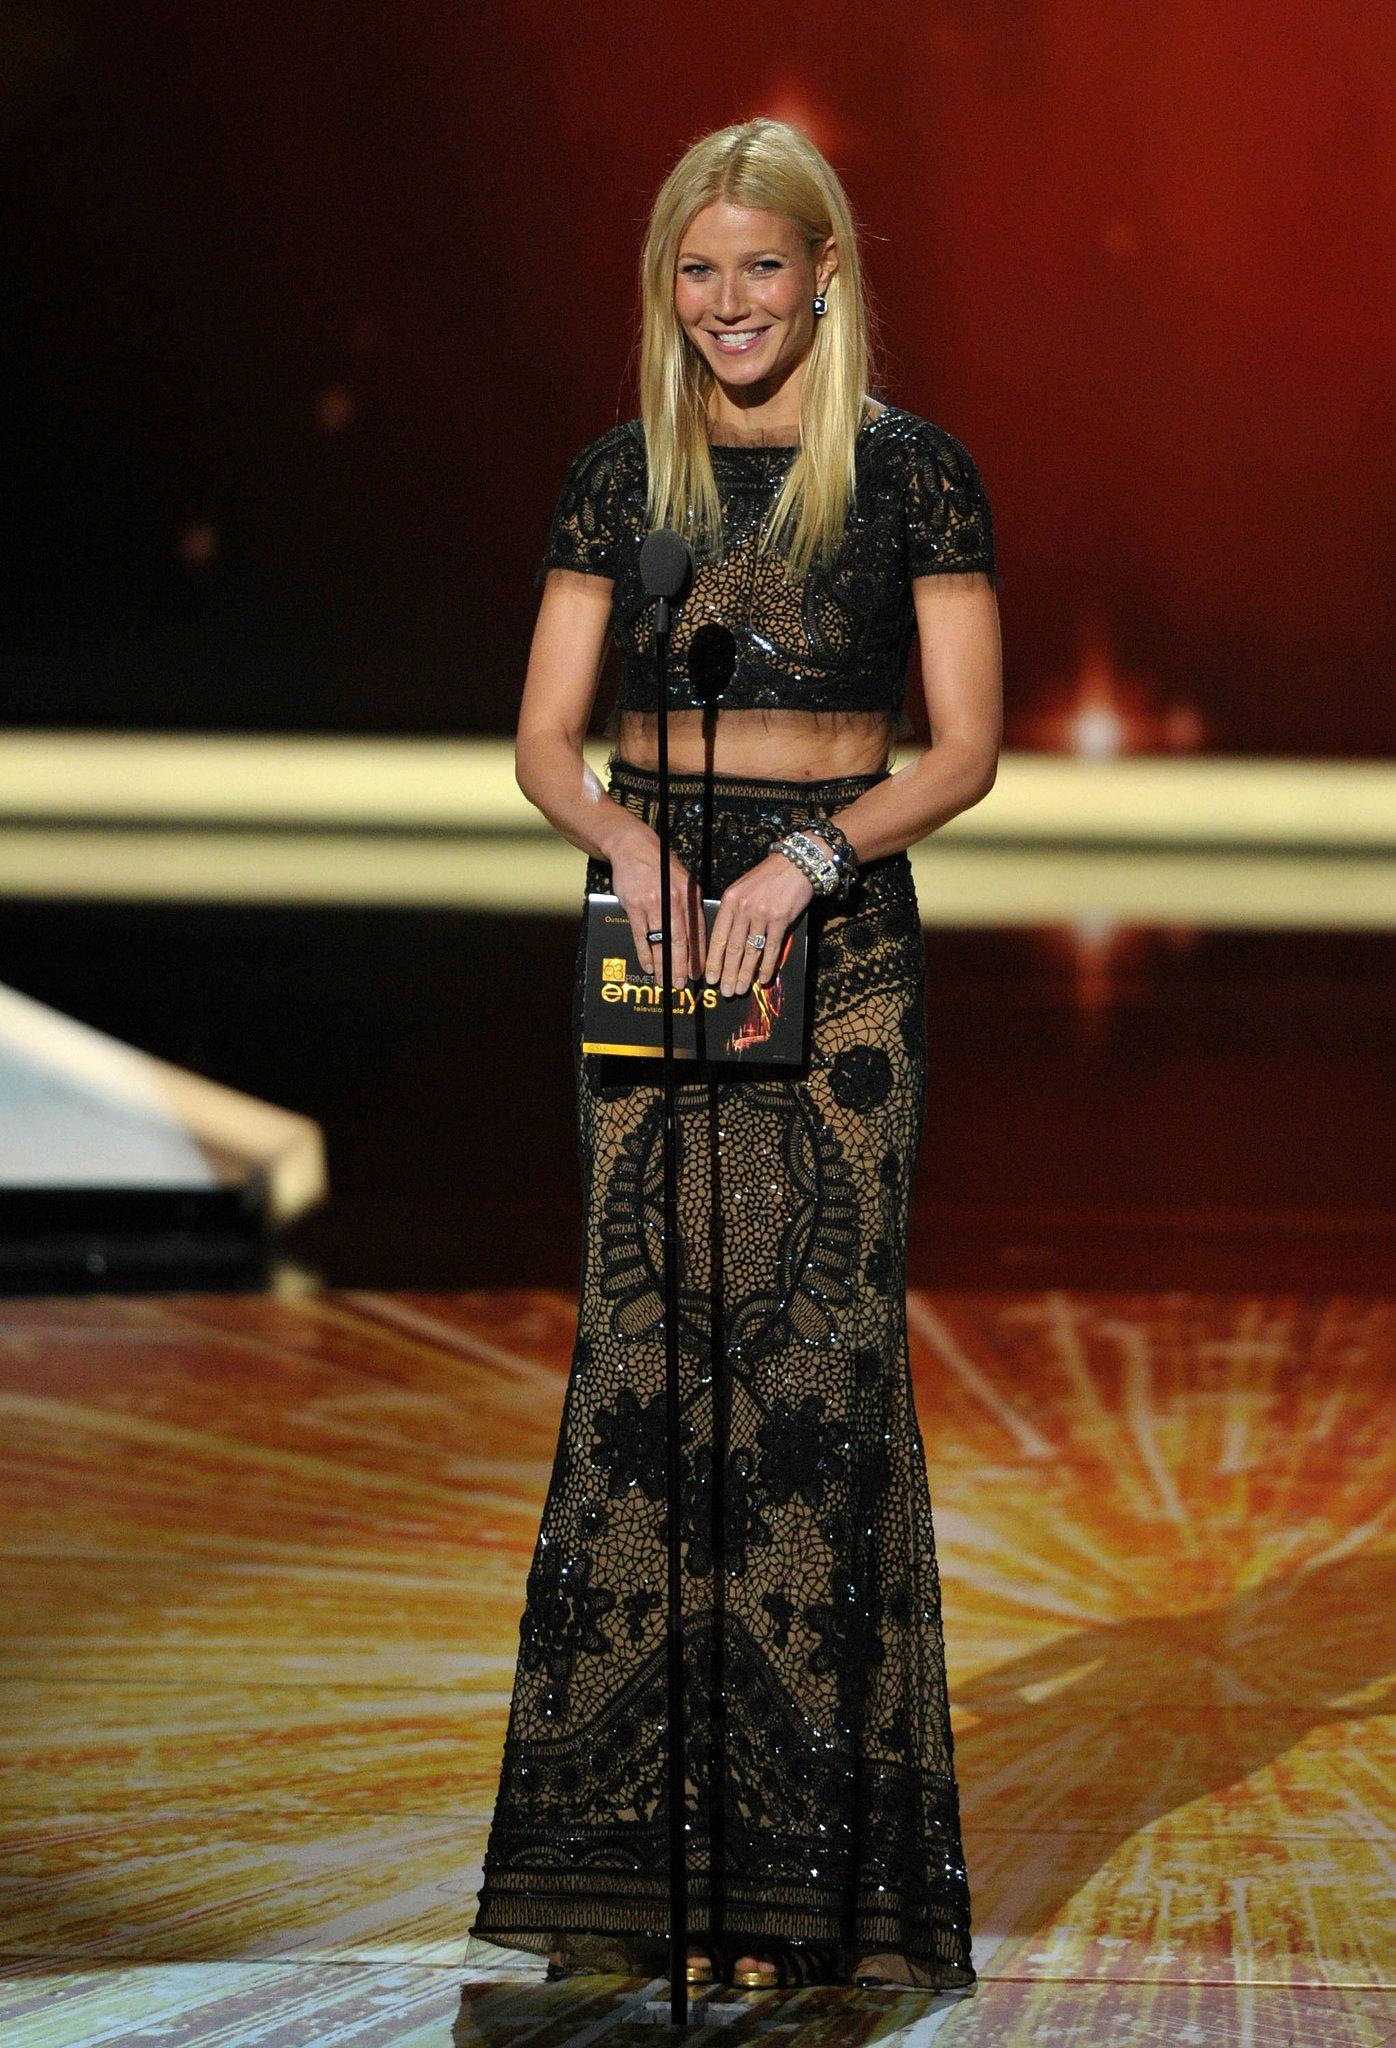 Gwyneth Paltrow presented an award in 2011.